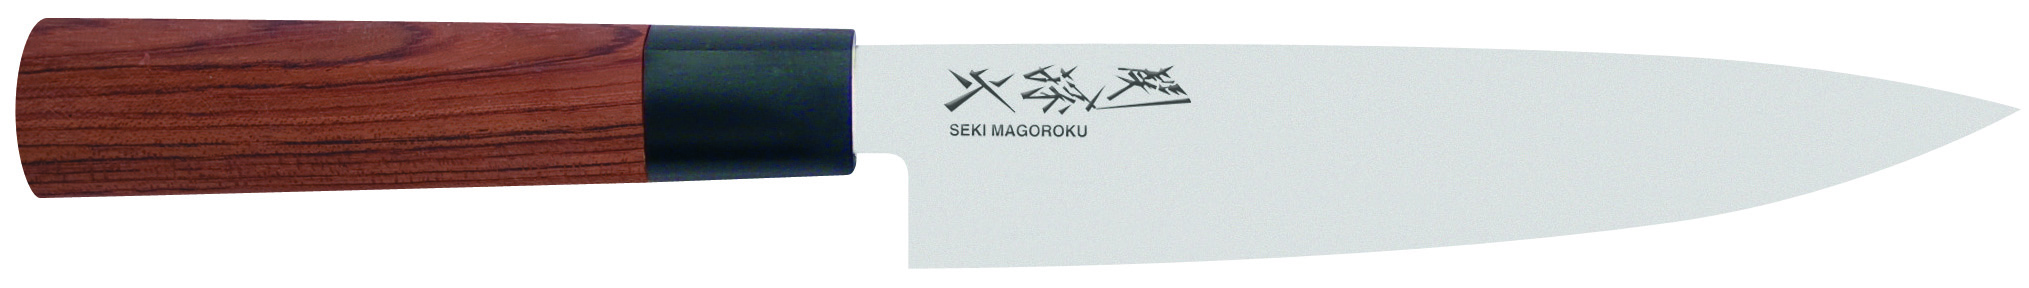 Univerzálny kuchynský nôž Seki Magoroku MGR-150U